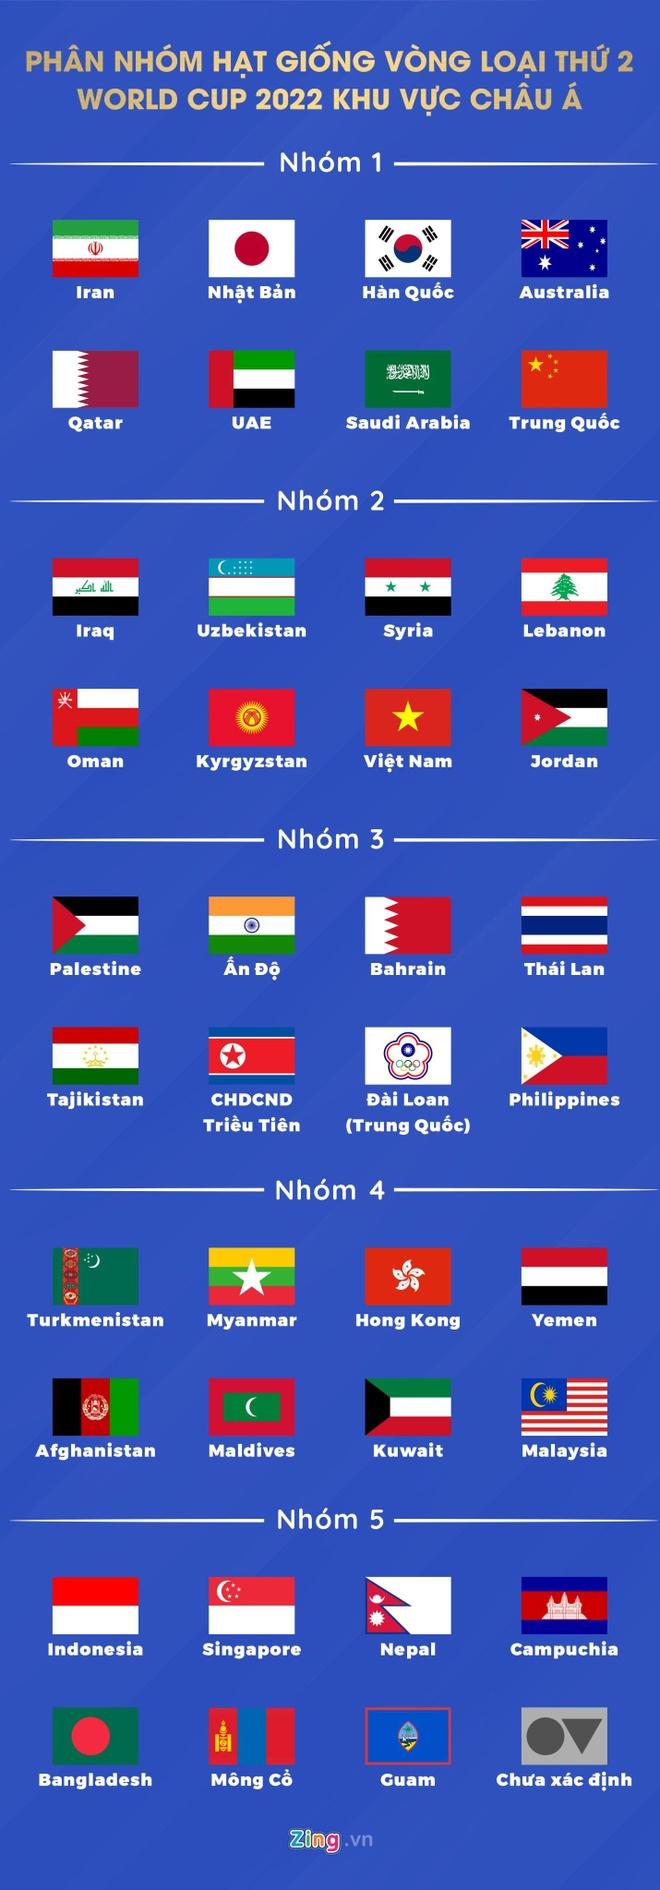 Tuyen Viet Nam co loi the o lich thi dau vong loai World Cup 2022 hinh anh 2